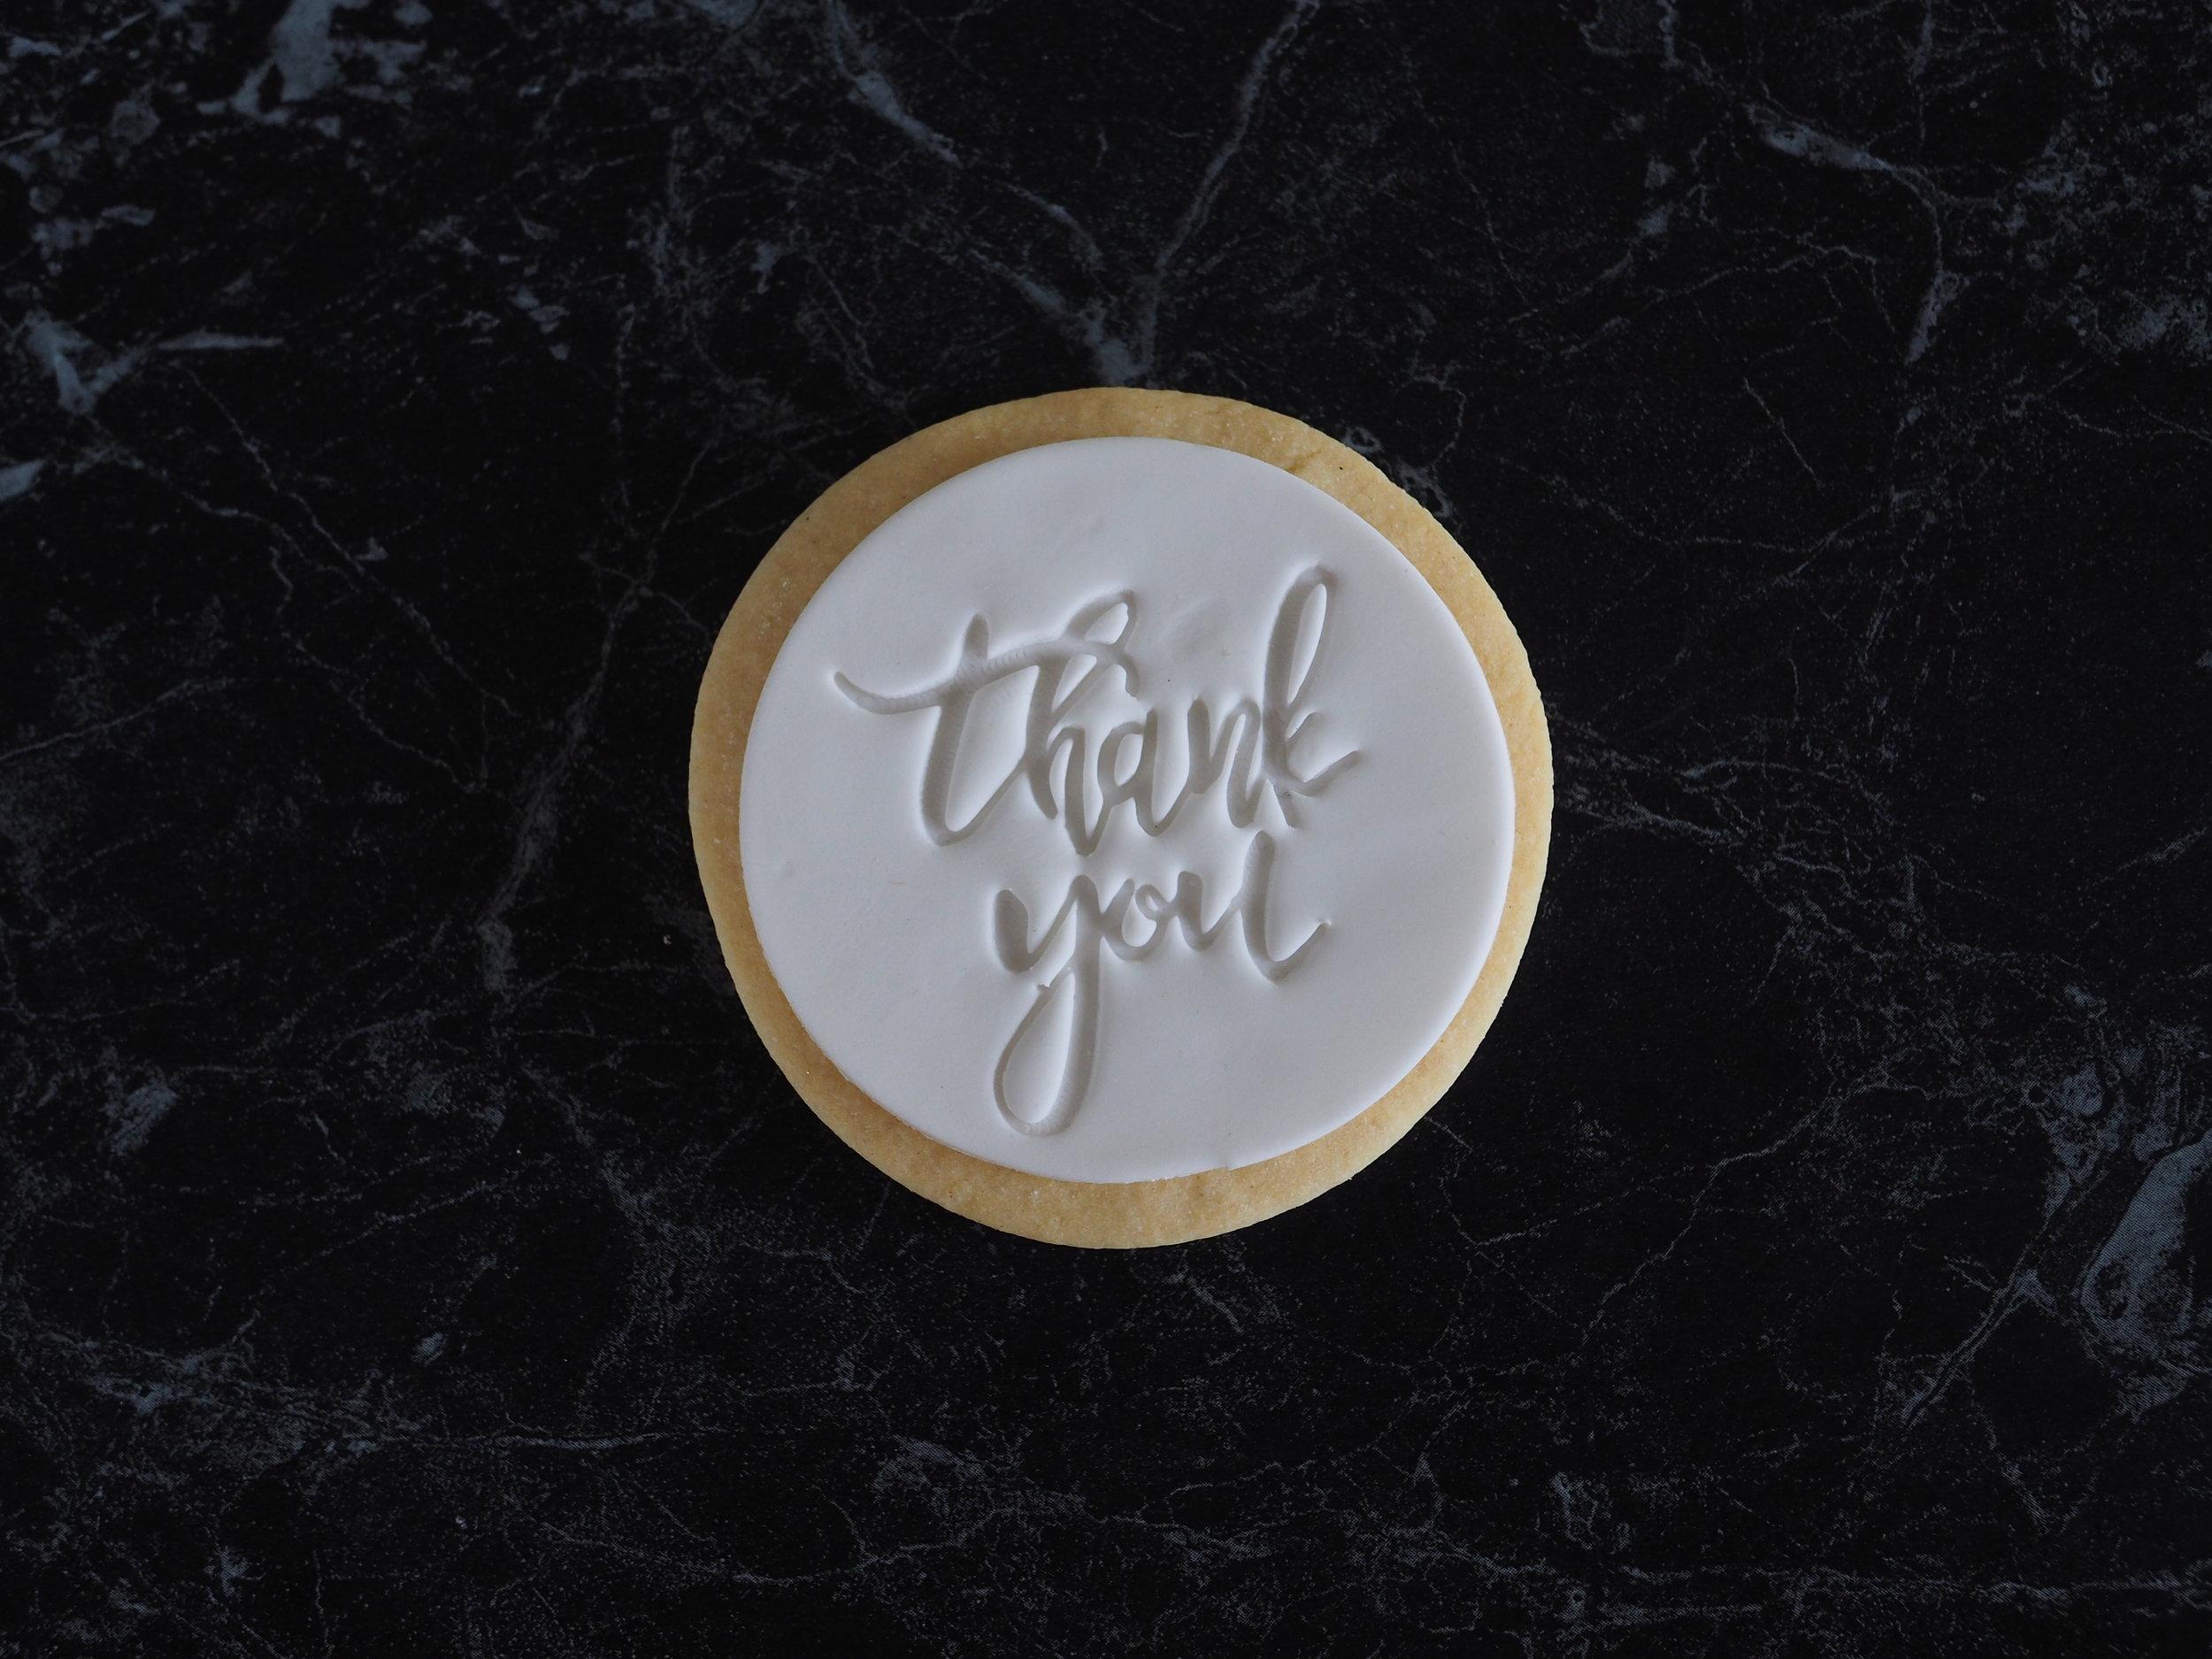 2019-04-12 cookies 047.JPG